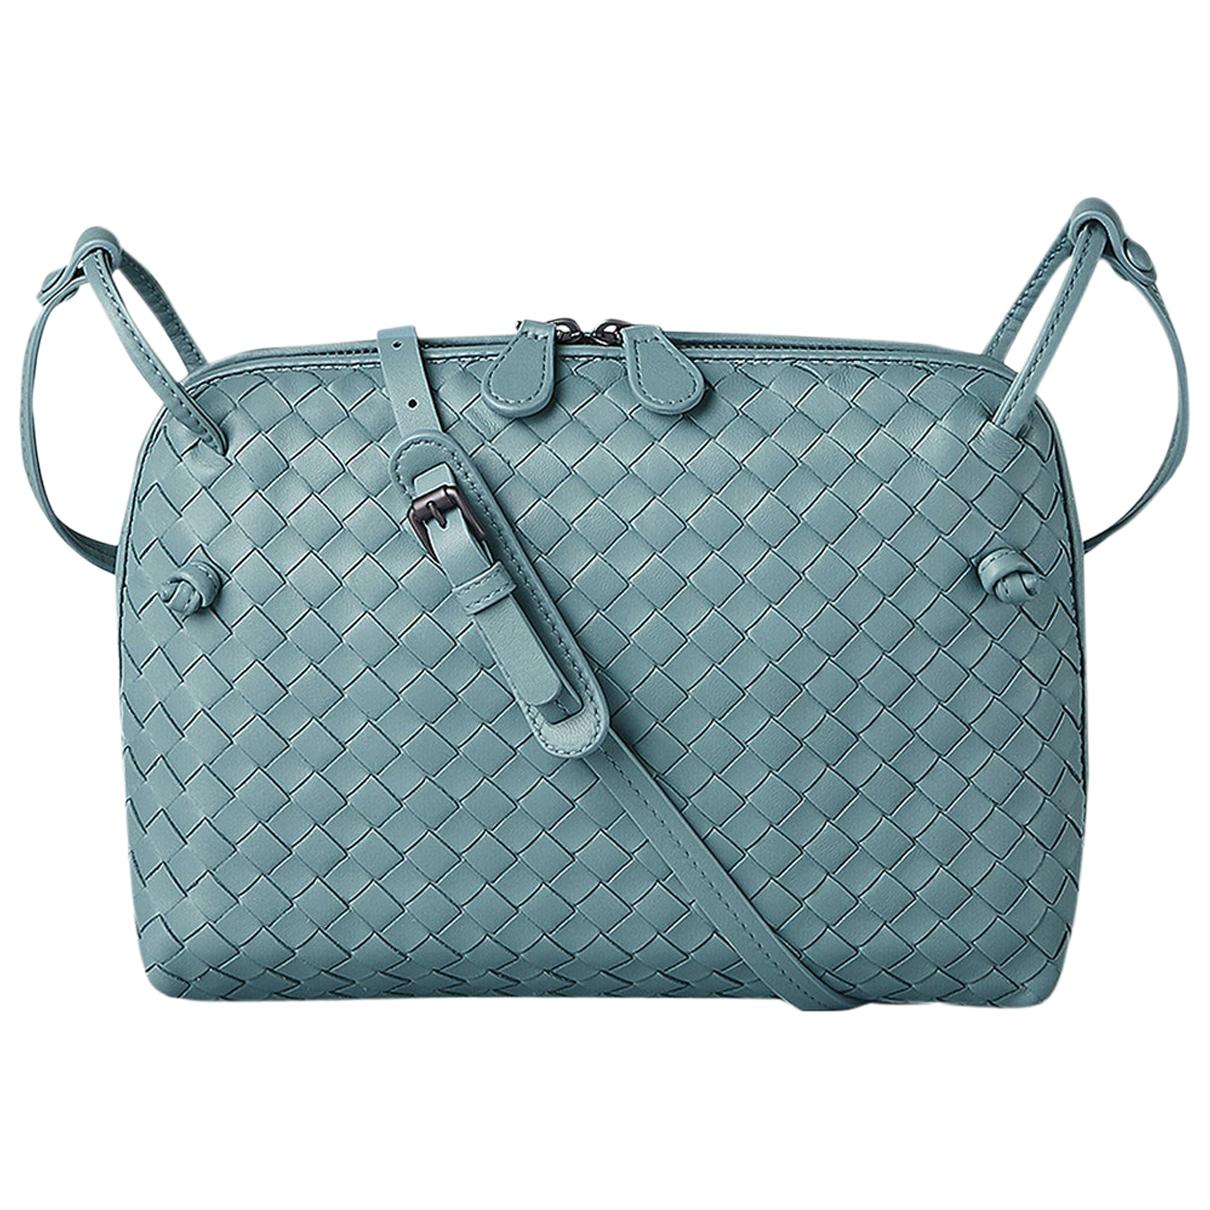 Bottega Veneta Nodini Handtasche in  Blau Leder